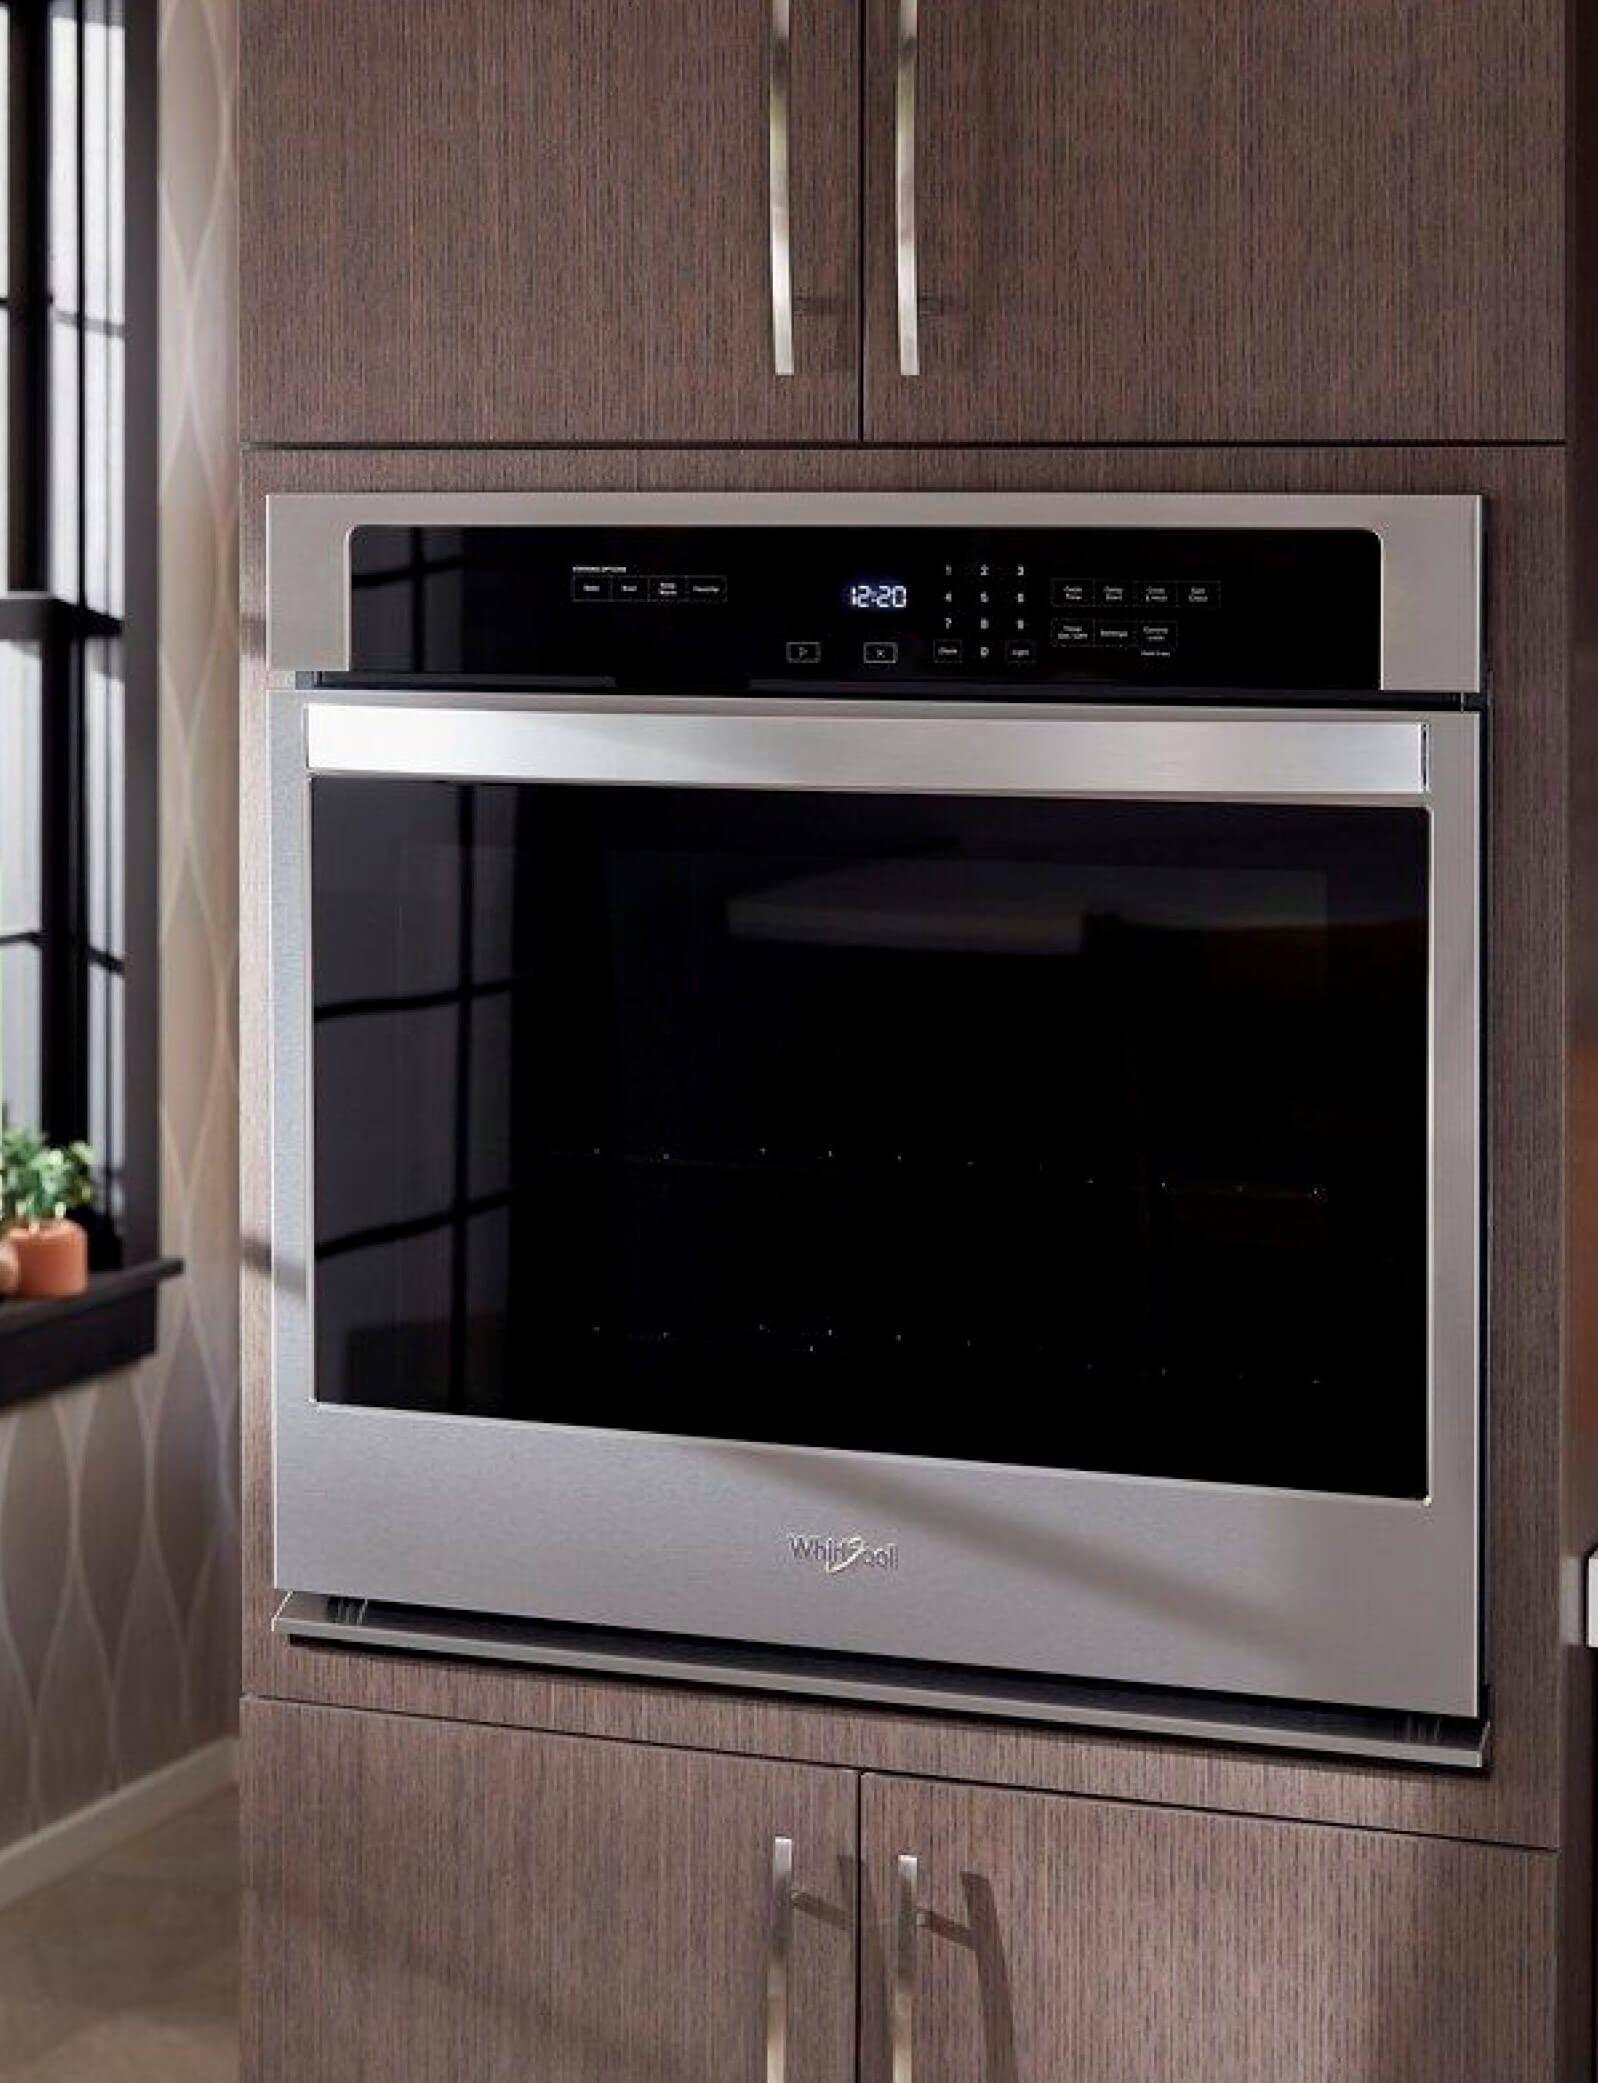 Whirlpool® kitchen oven